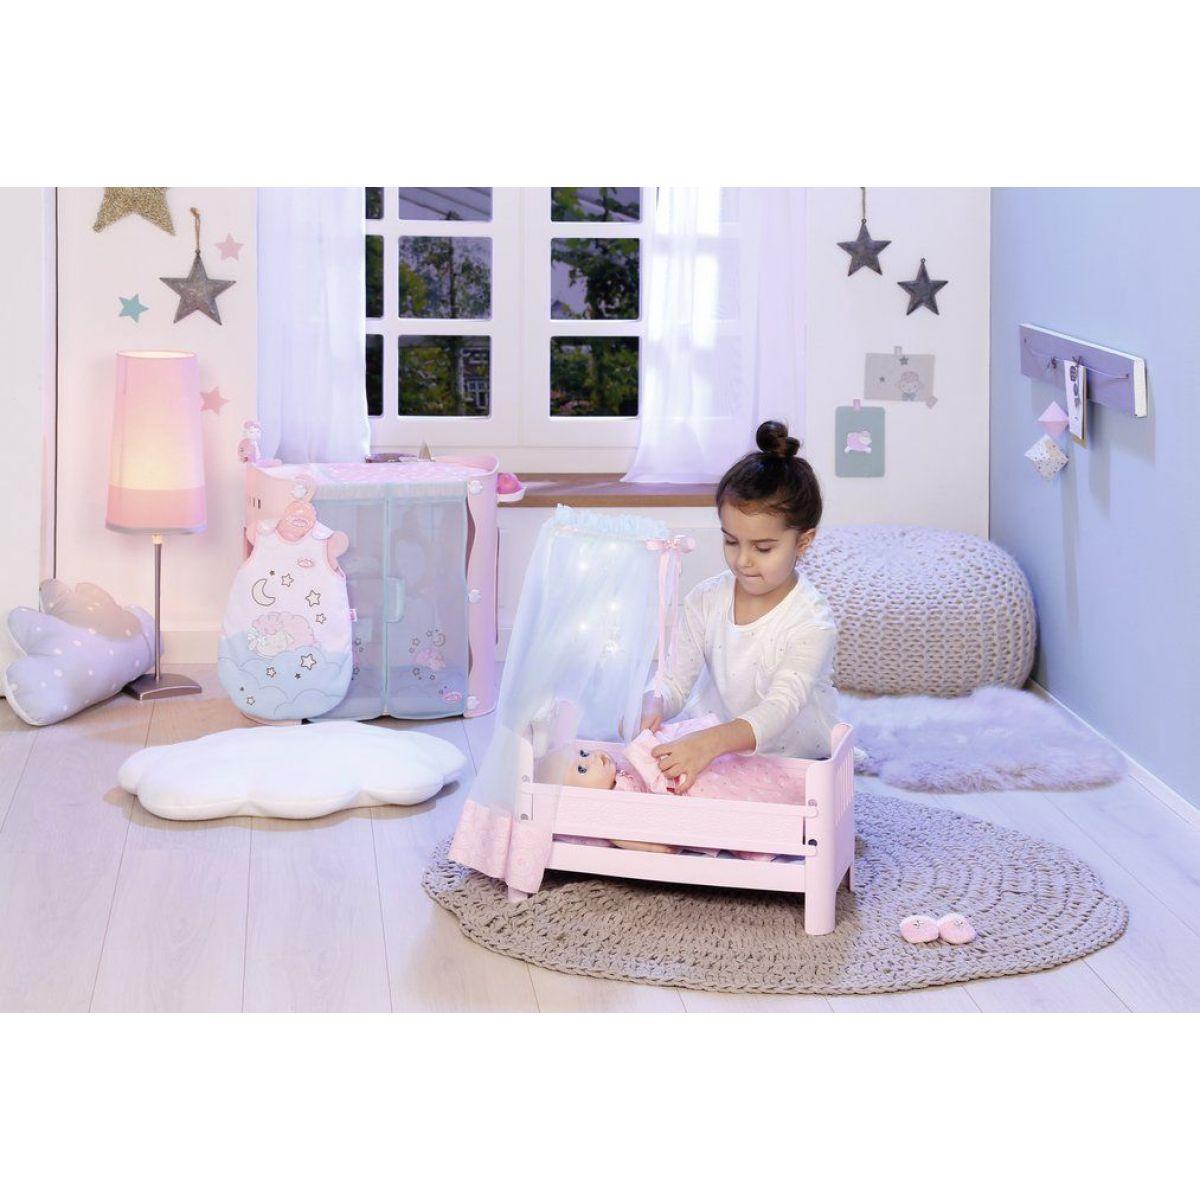 Zapf Creation Baby Annabell Spaci pytel Sladke sny #8